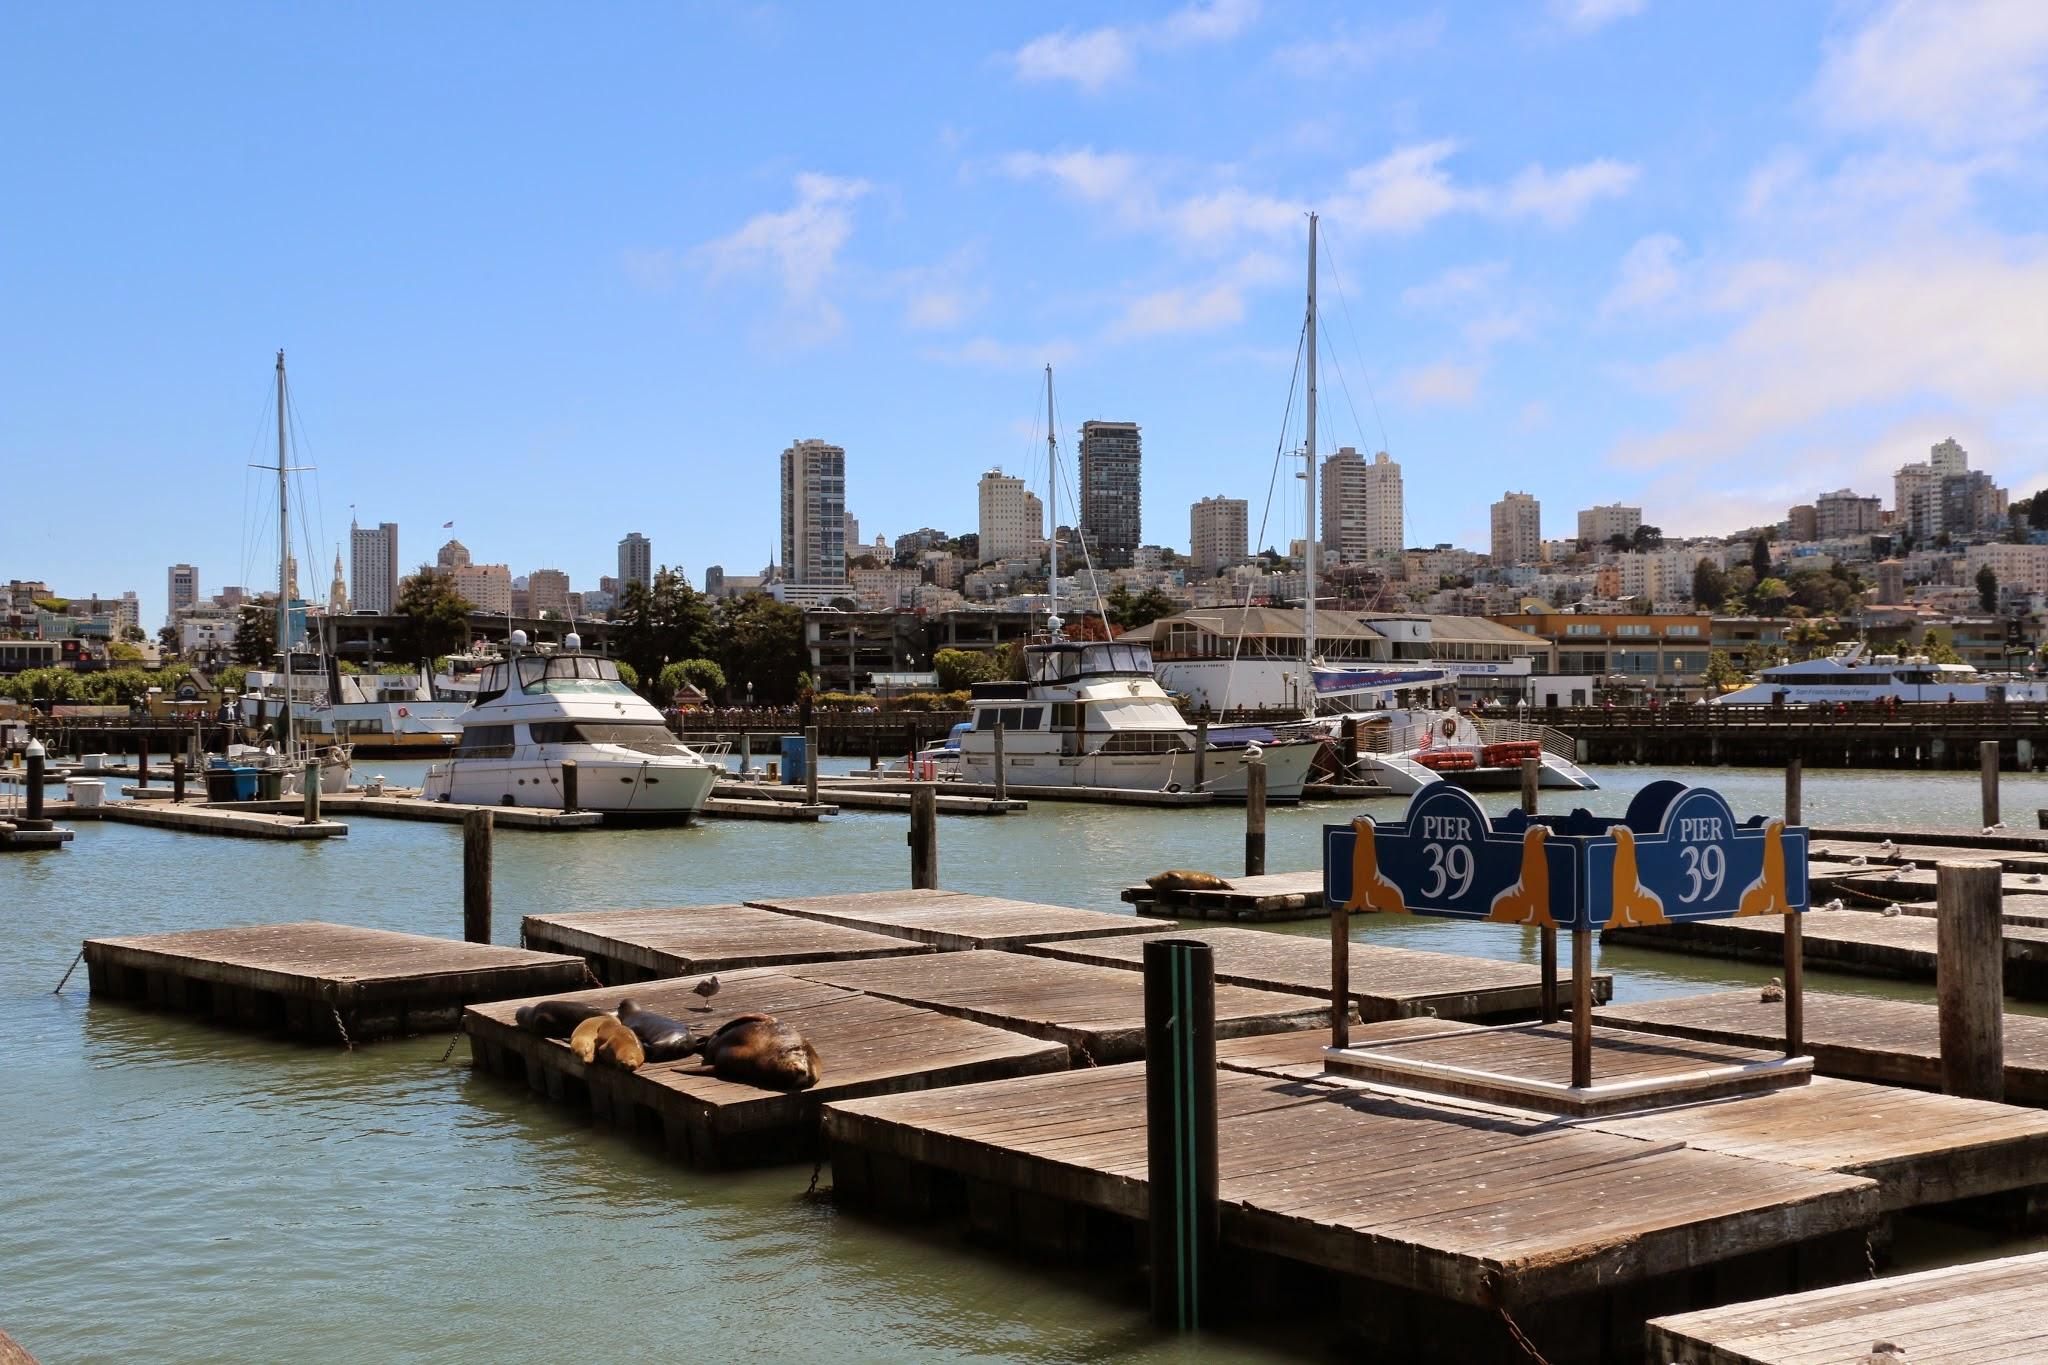 zeeleeuwen die op pontons bij de jachthaven liggen